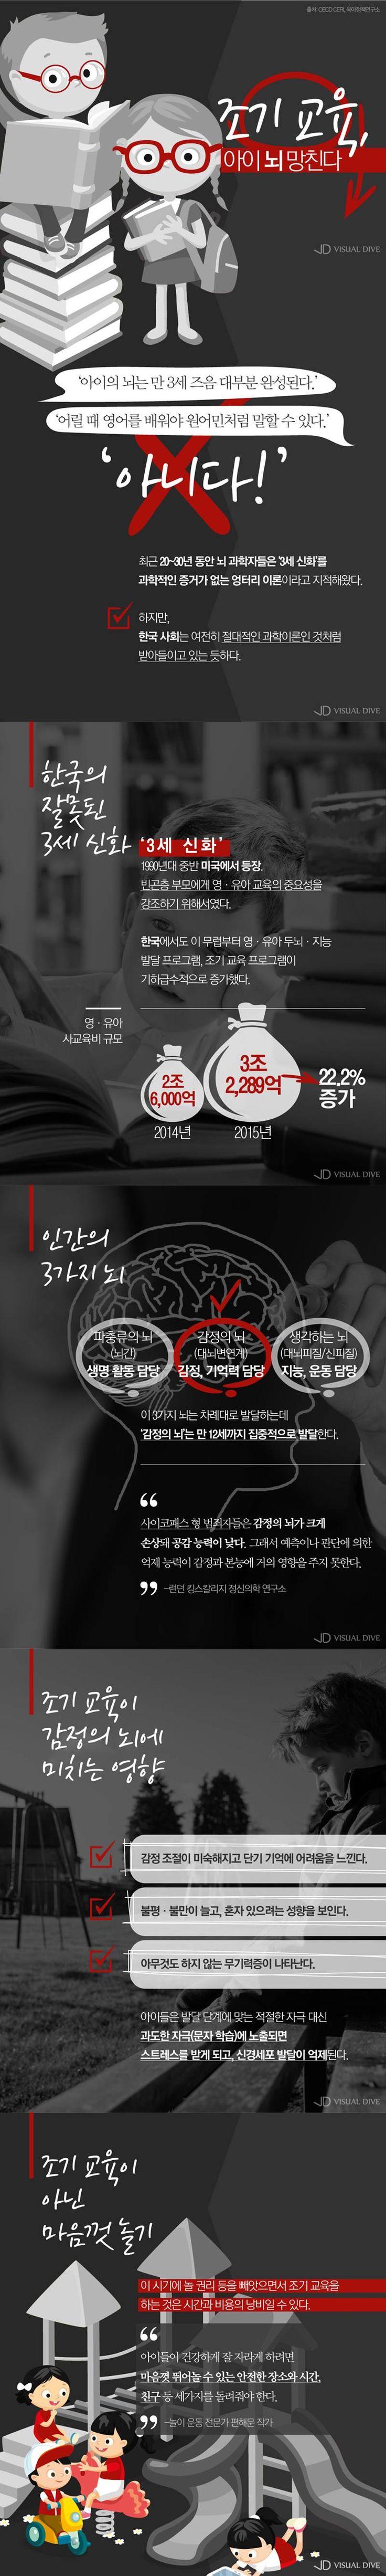 영유아 조기교육, '감정의 뇌' 망친다? [카드뉴스] #education / #cardnews ⓒ 비주얼다이브 무단 복사·전재·재배포 금지